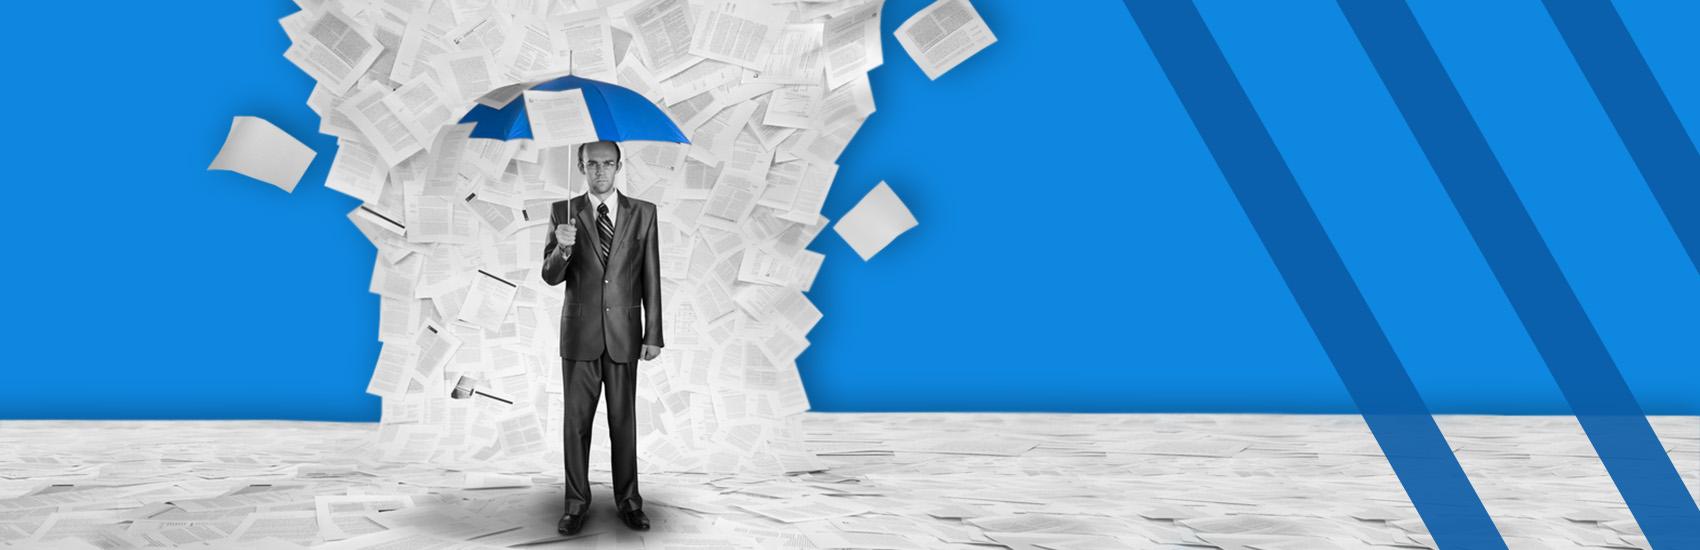 Как защитить себя от потока ненужной информации